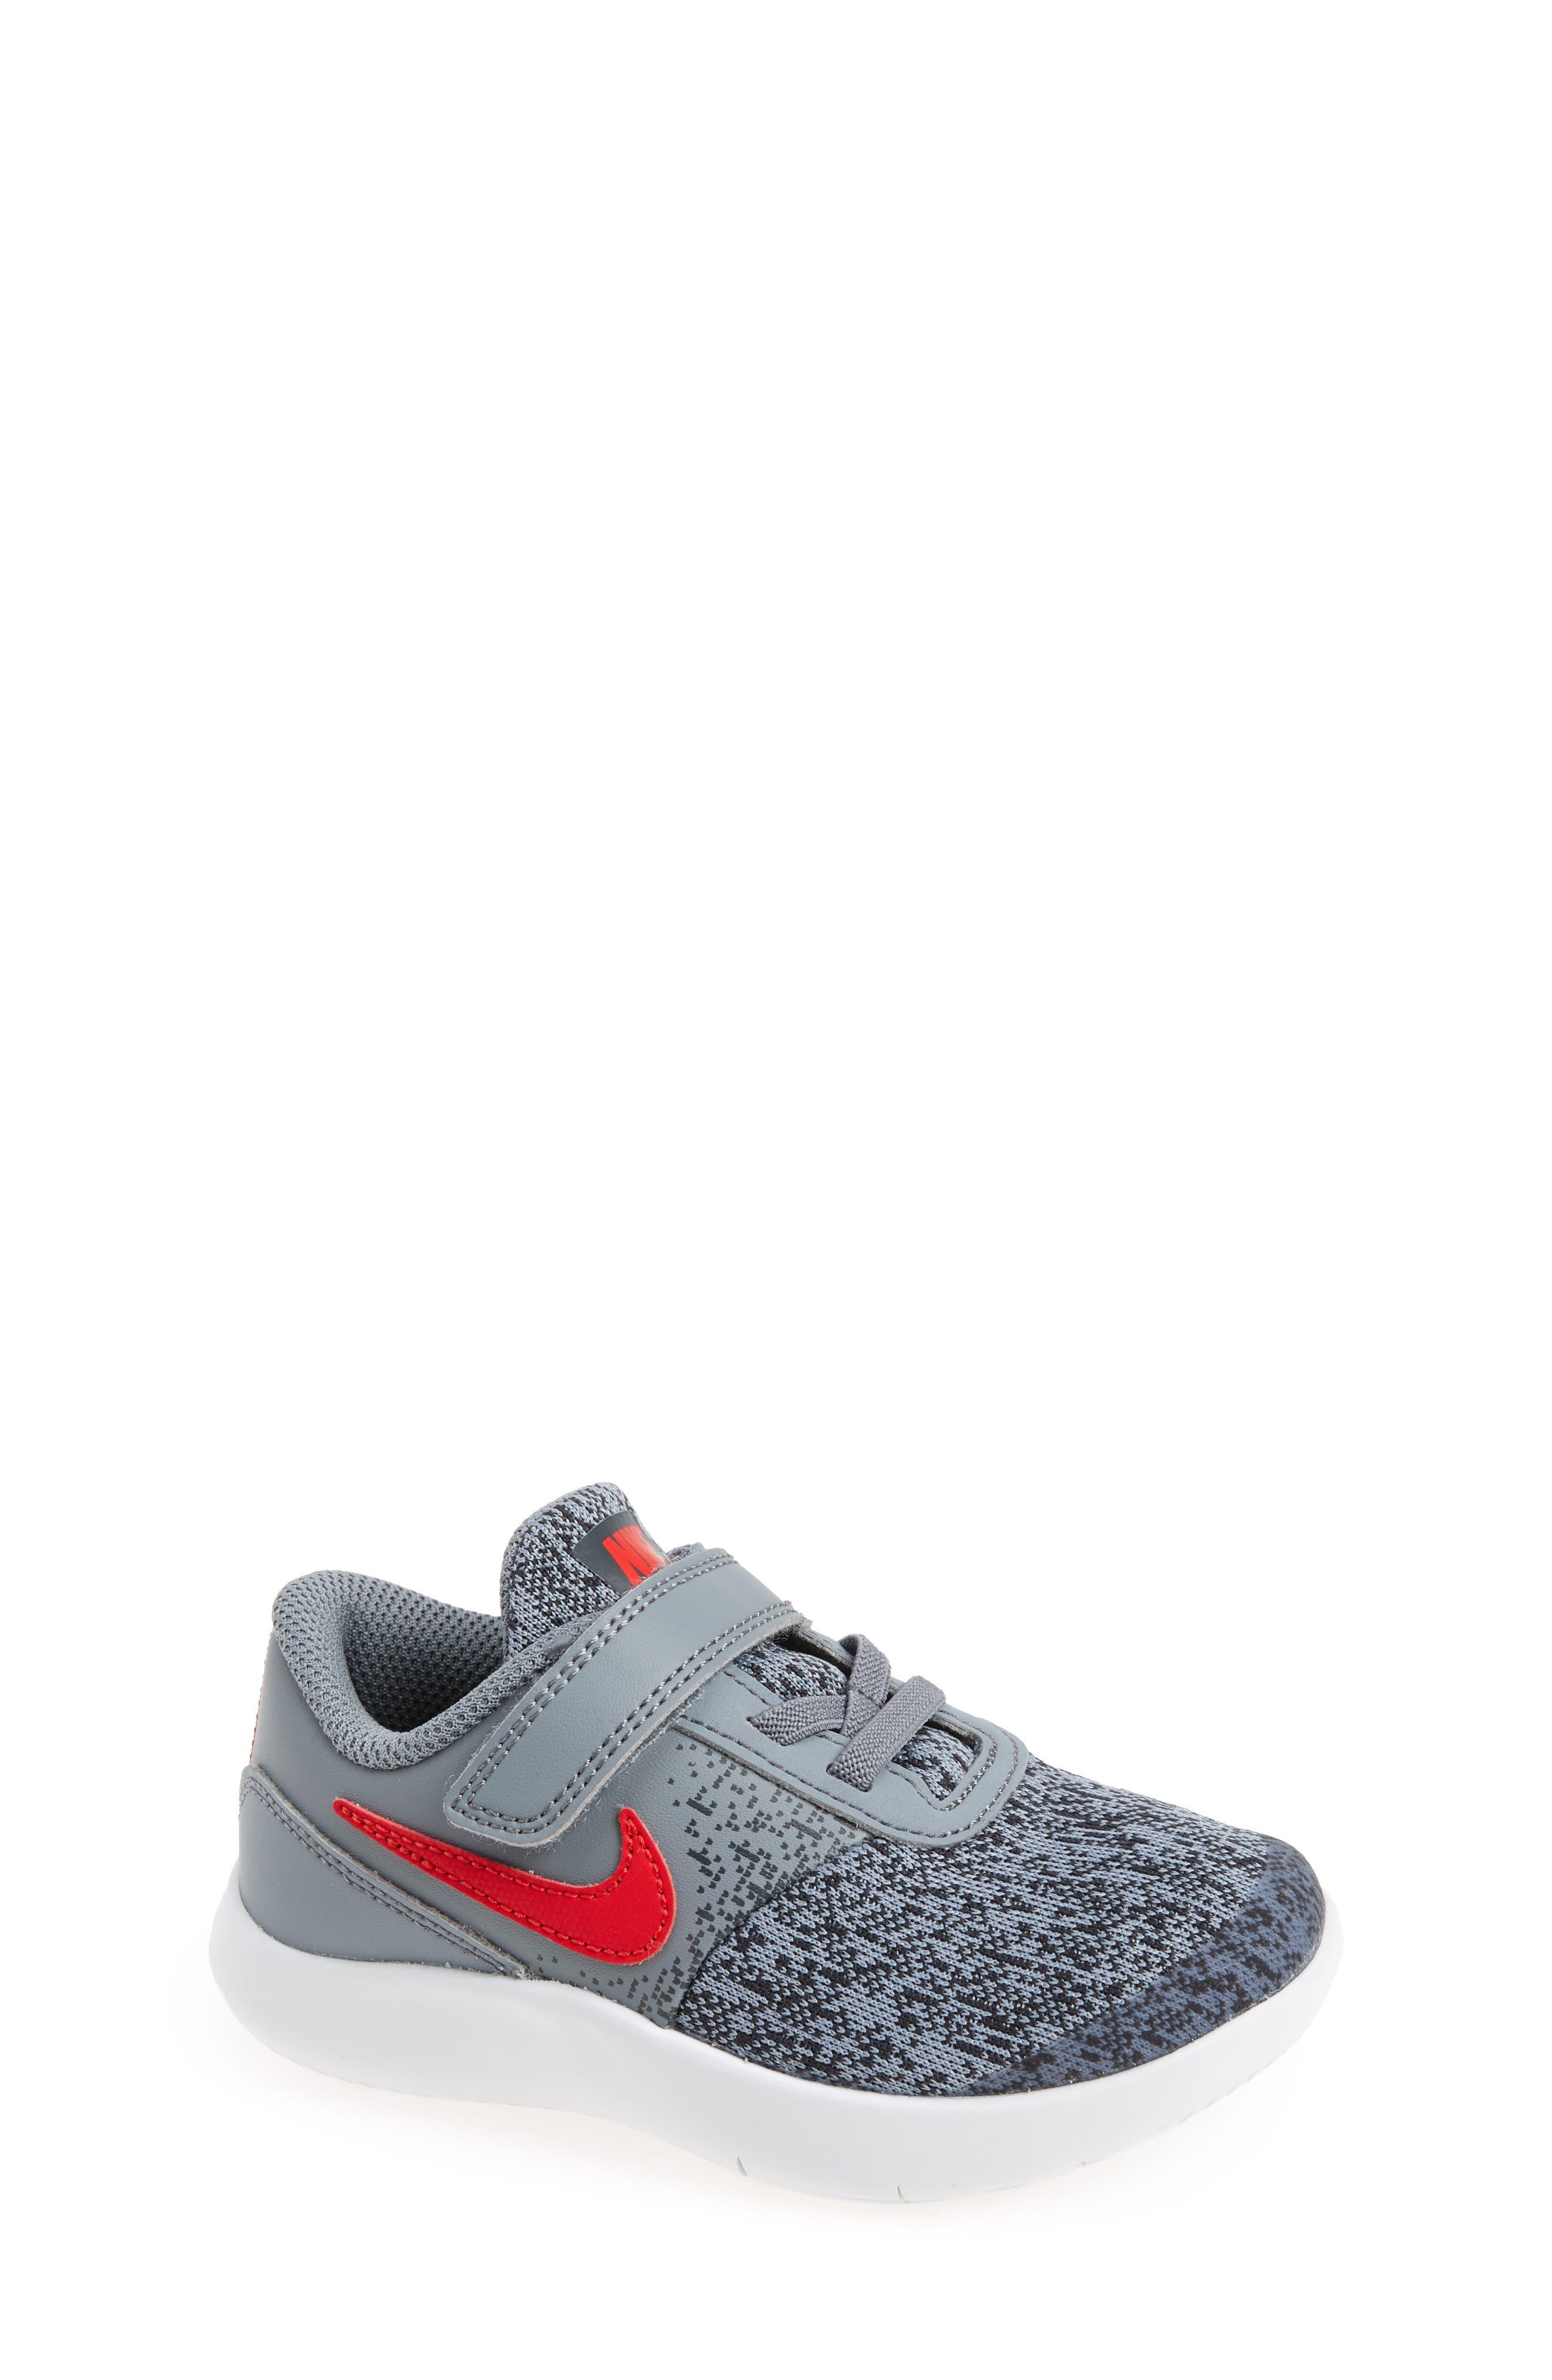 Main Image - Nike Flex Contact Sneaker (Baby, Walker & Toddler) (Regular Retail Price: $43.00)